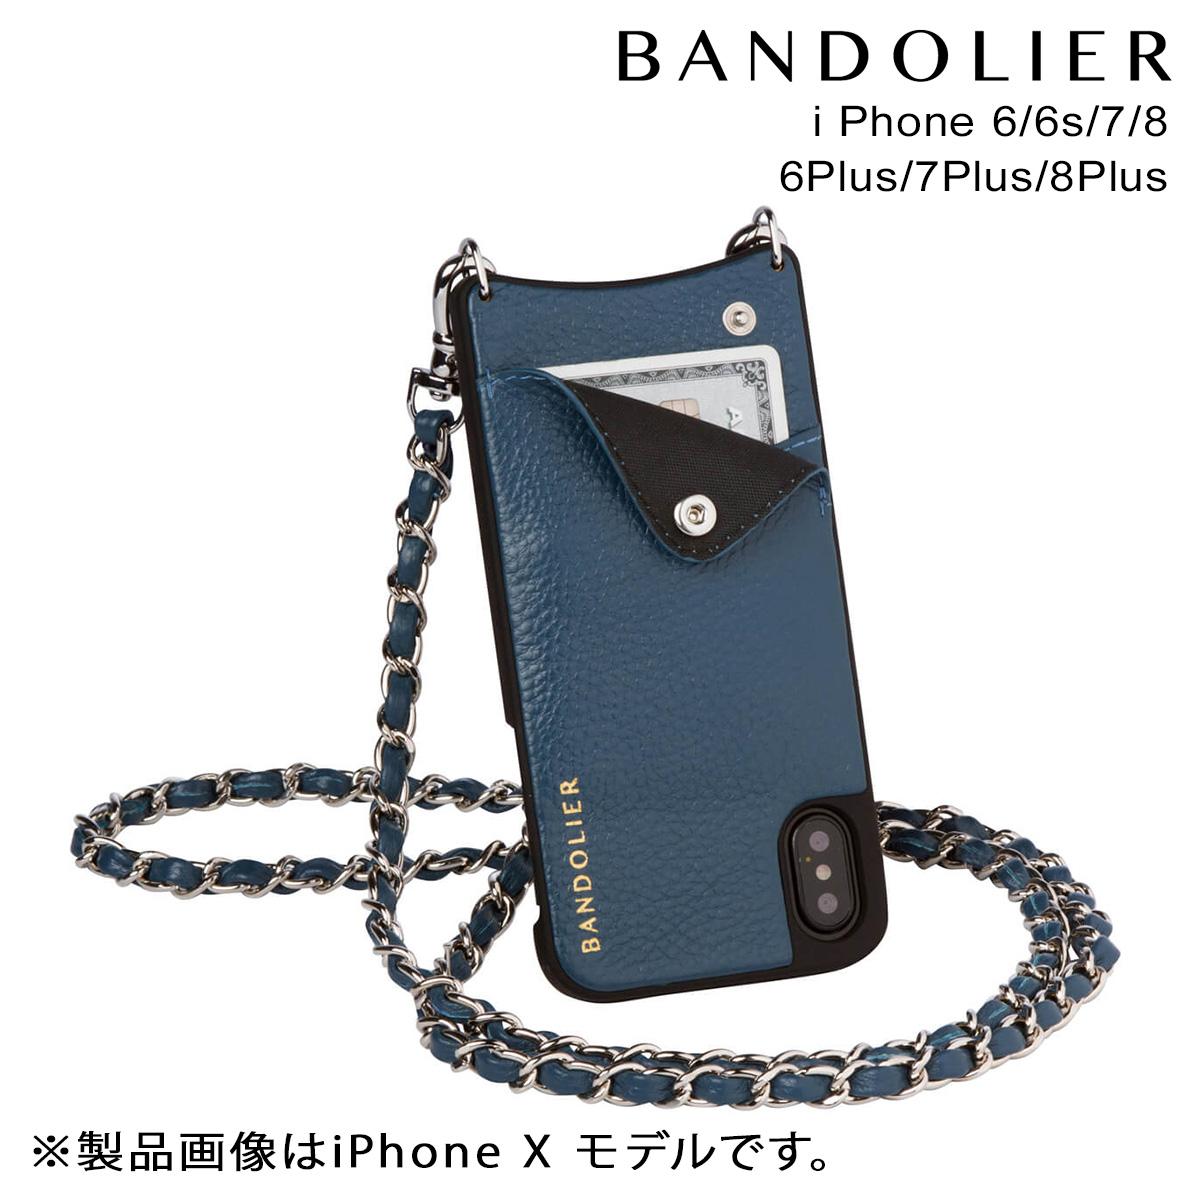 BANDOLIER iPhone8 iPhone7 7Plus 6s LUCY SAPPHIRE バンドリヤー ケース スマホ アイフォン プラス メンズ レディース